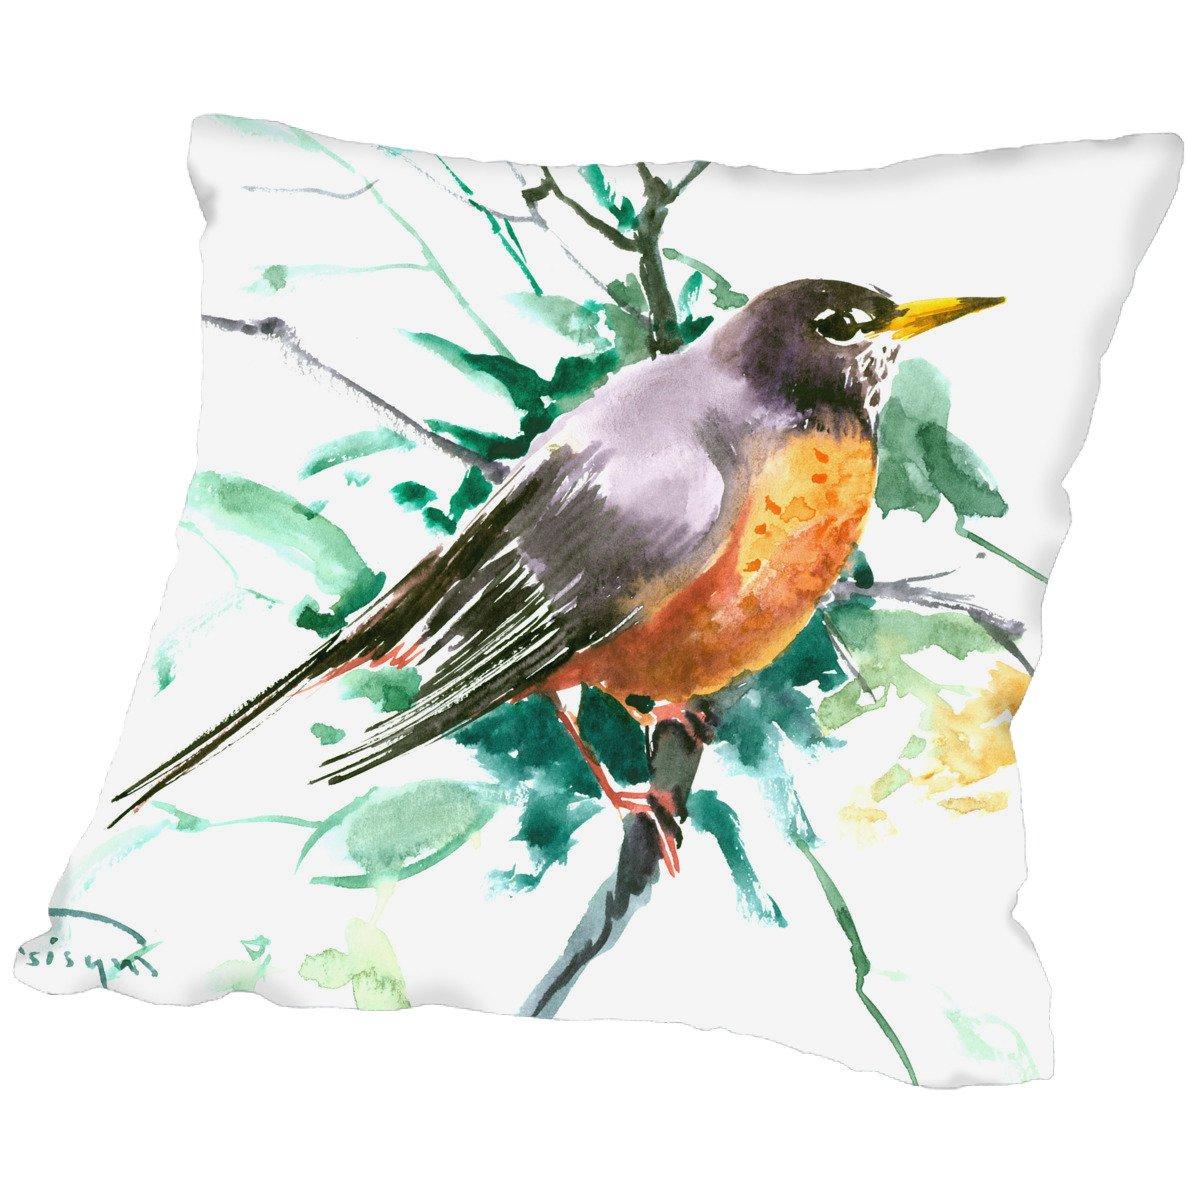 American Flat A108P619PILL2020 American Robin pillow by Suren Nersisyan, 20 x 20